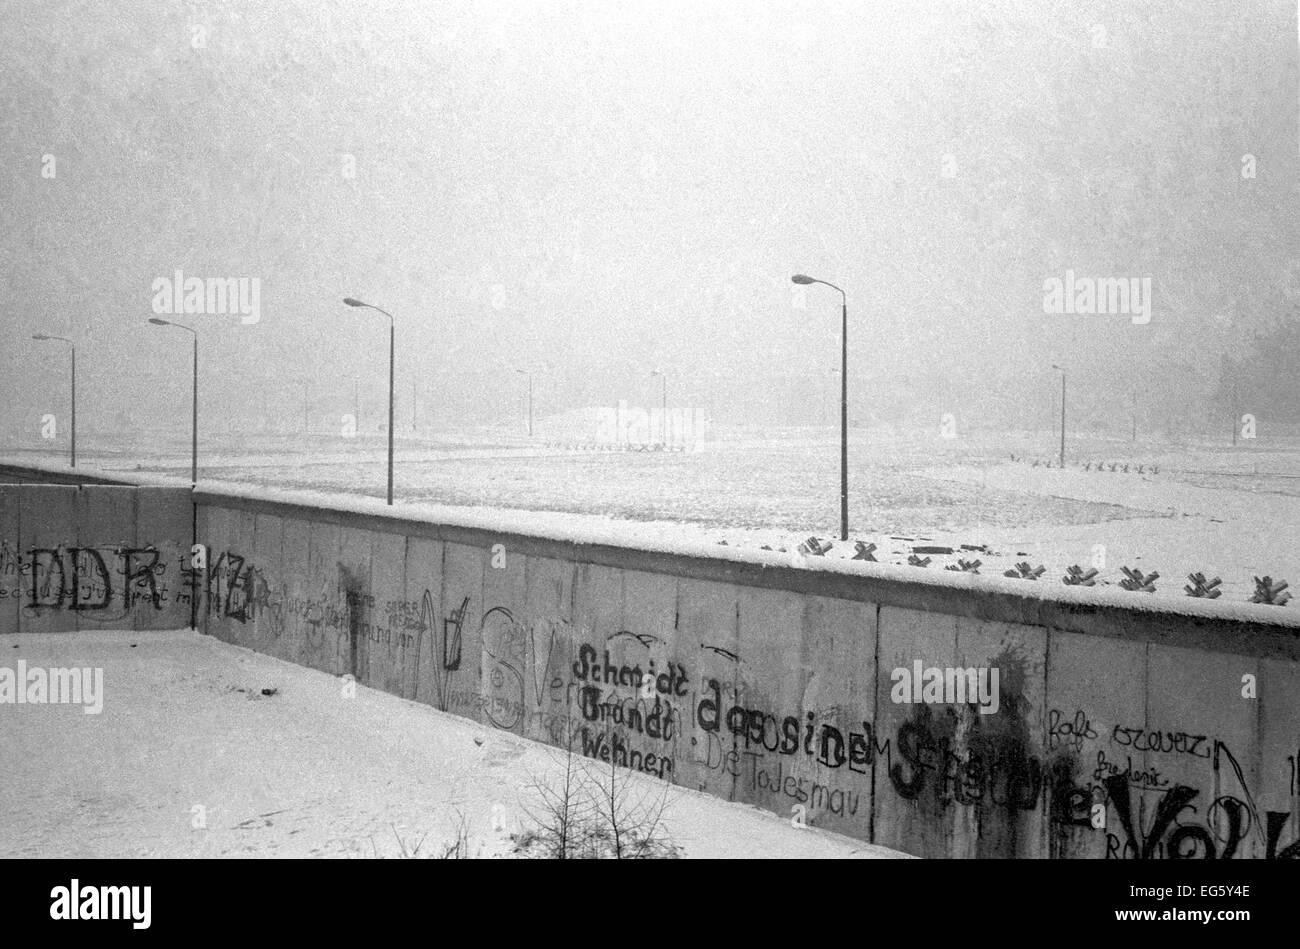 El muro de Berlín en la Potsdamer Platz en un frío y nevado día de invierno. Imagen De Stock